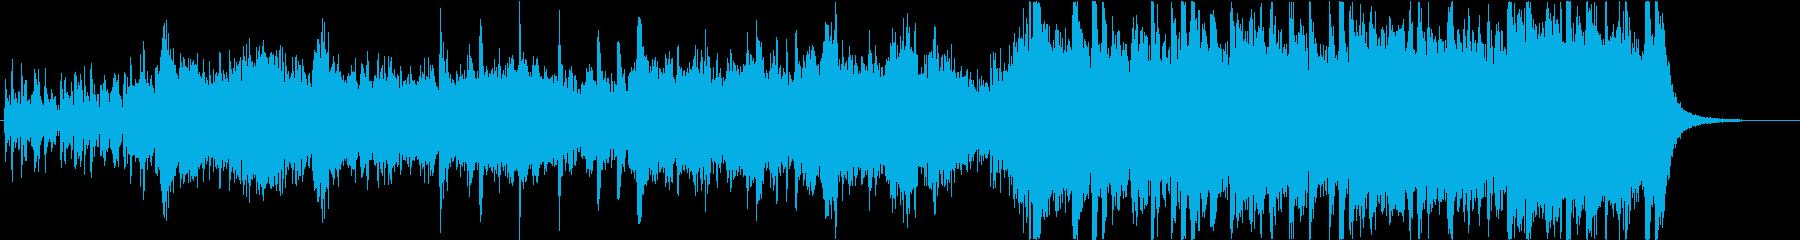 壮大なファンタジー調オーケストラの再生済みの波形